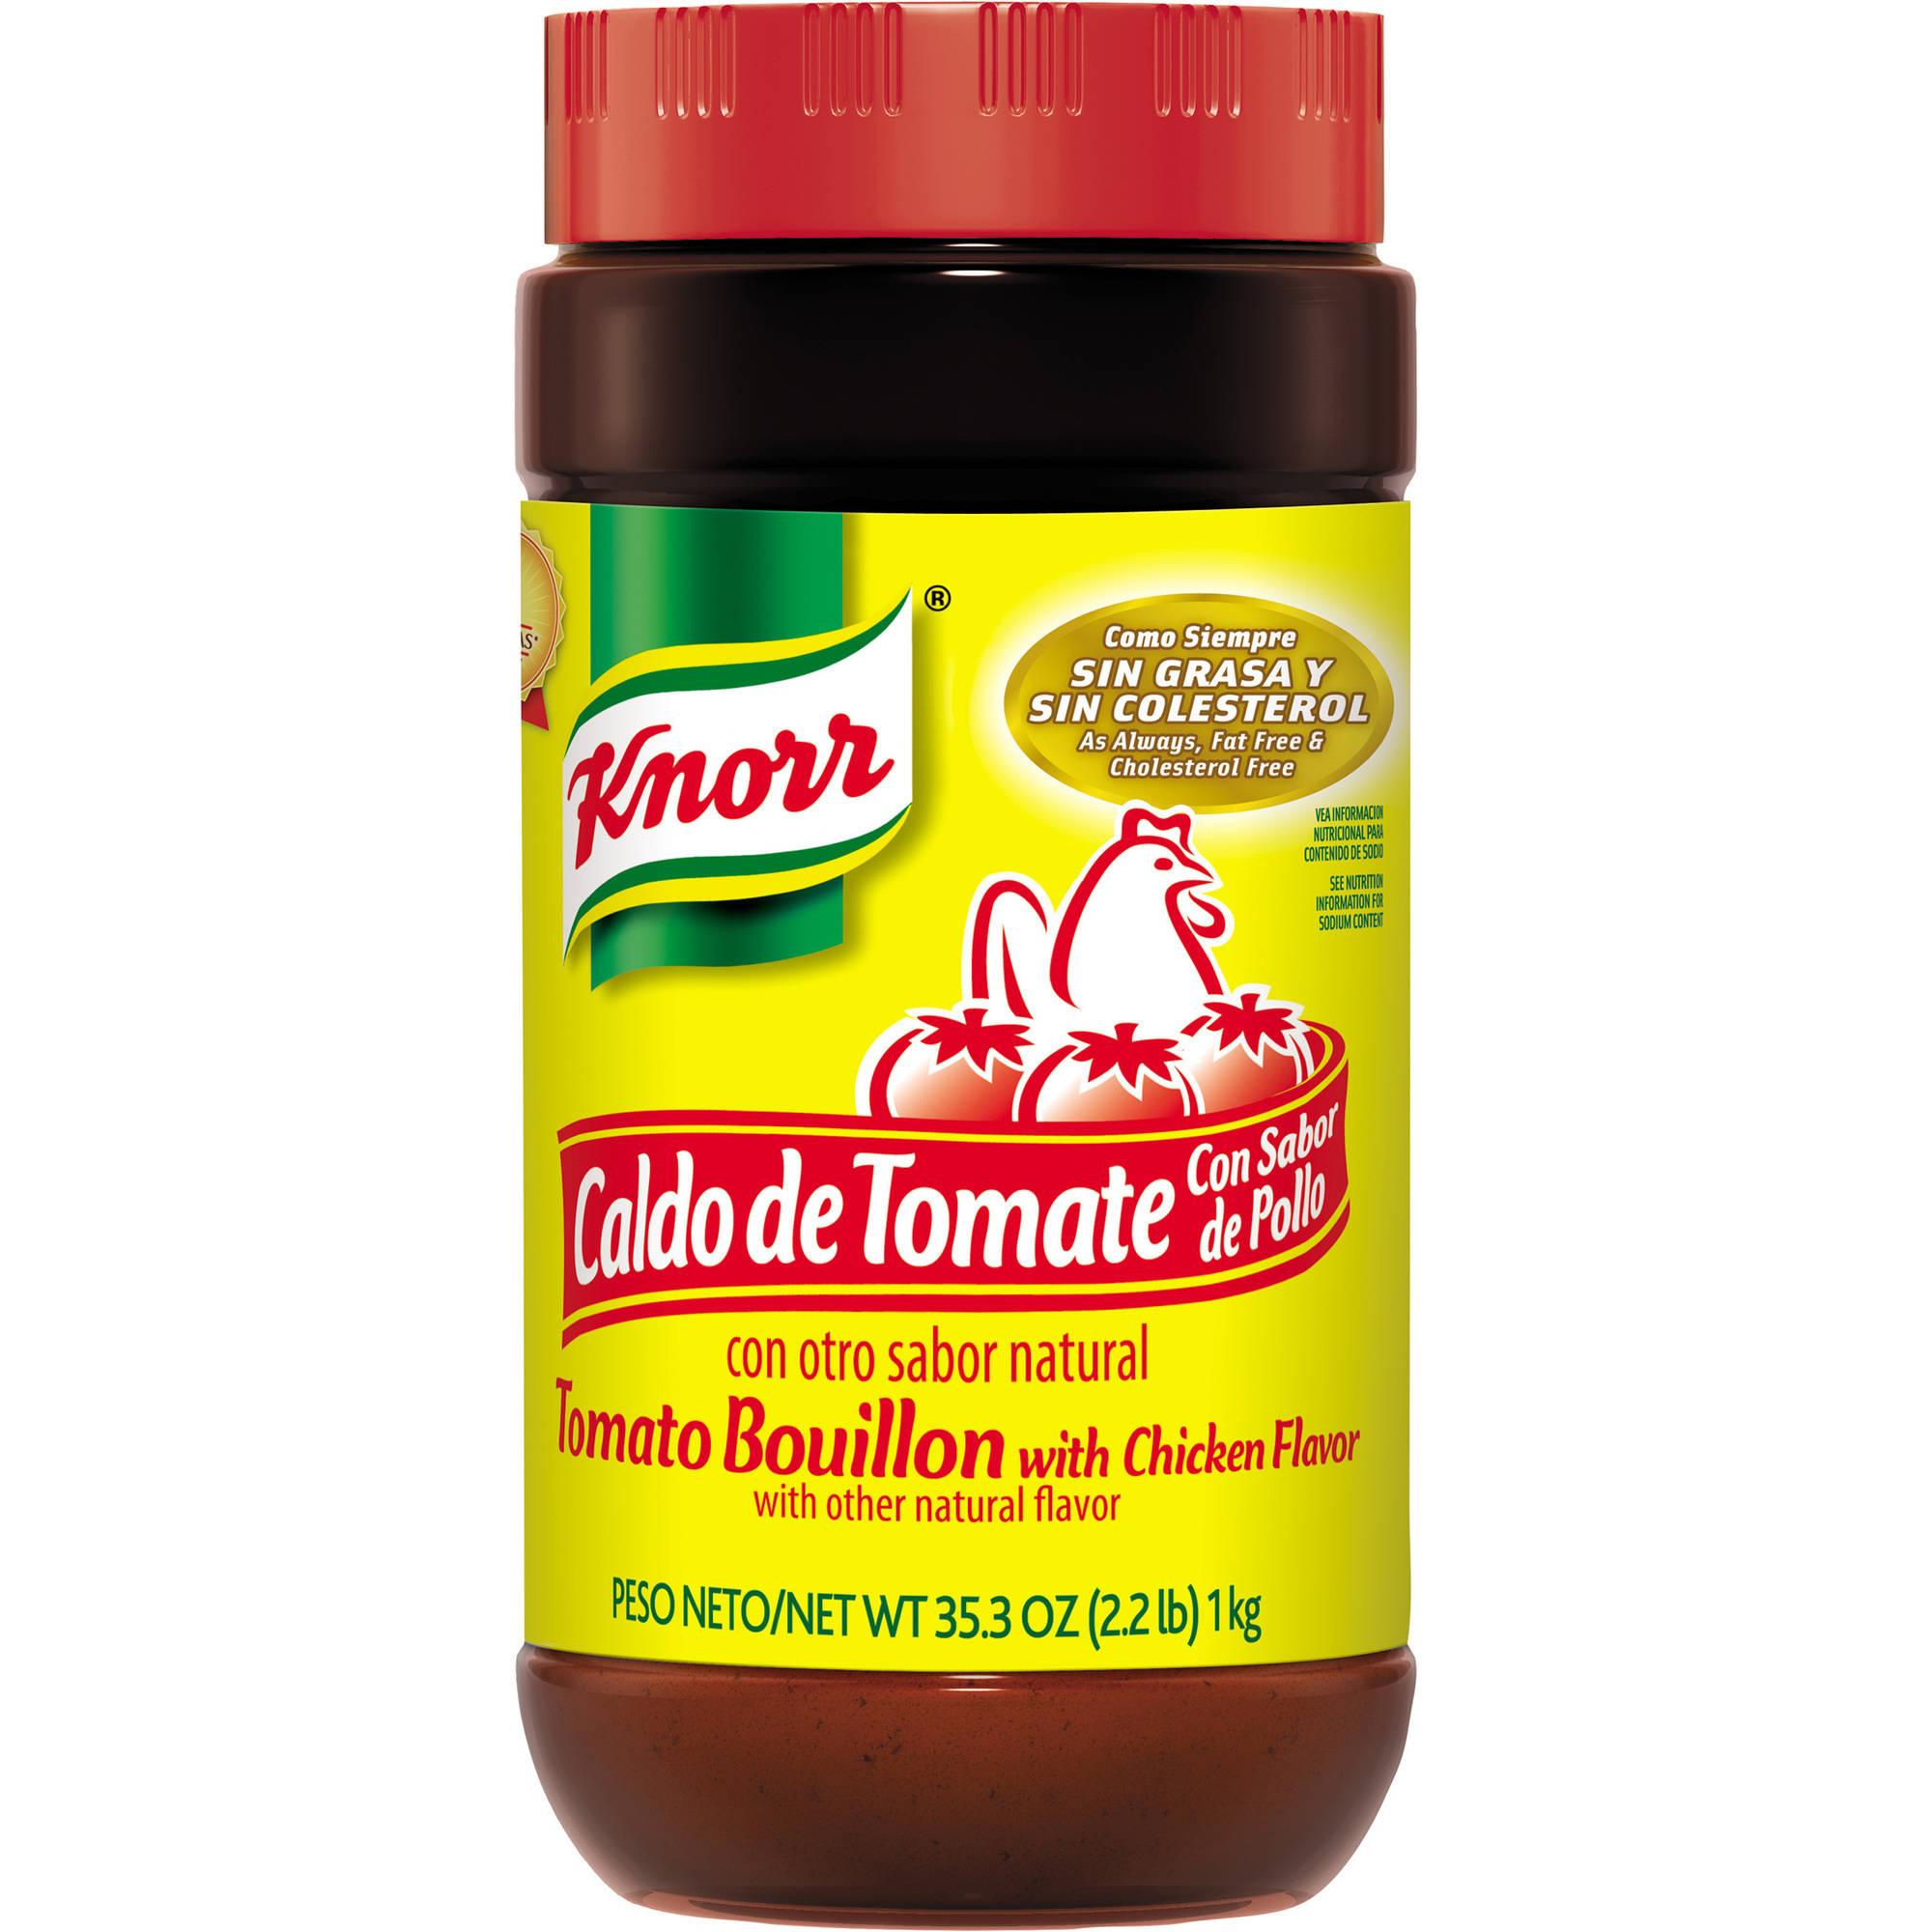 Knorr Tomato Chicken Granulated Bouillon, 35.3 oz